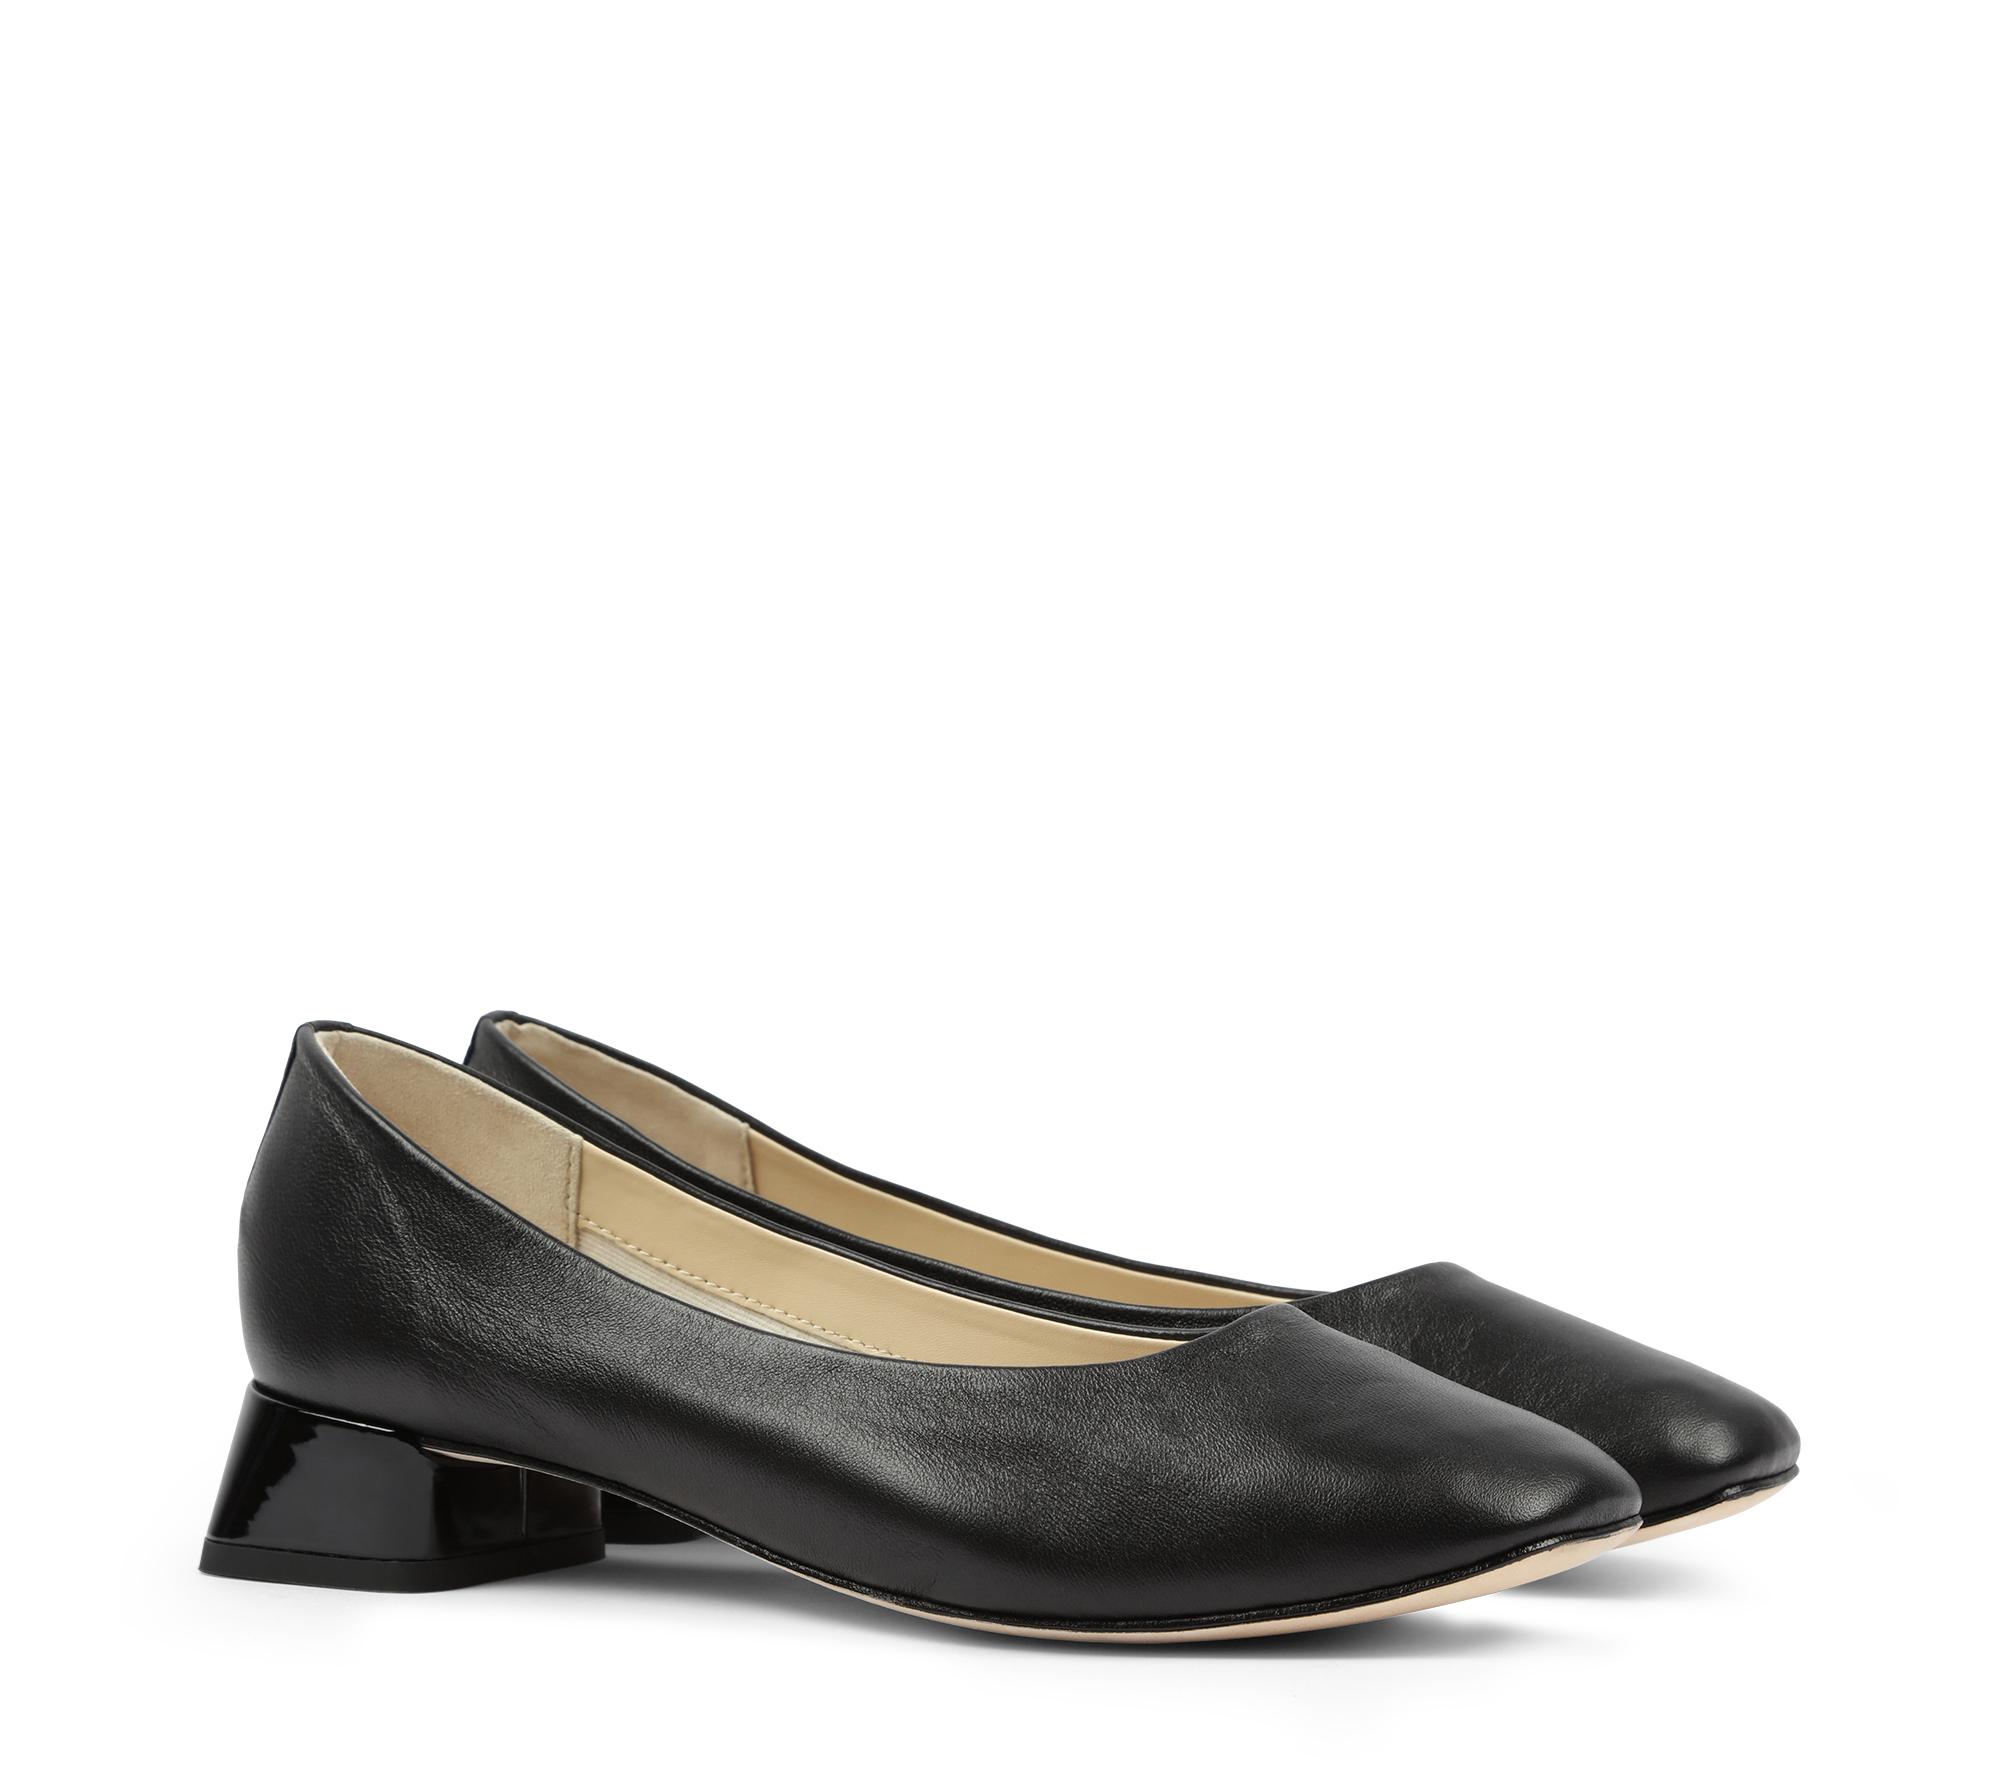 Lpinvin Chaussures pour homme en cuir v/éritable Sandales de plage d/écontract/ées Noir Tongs confortables et respirantes